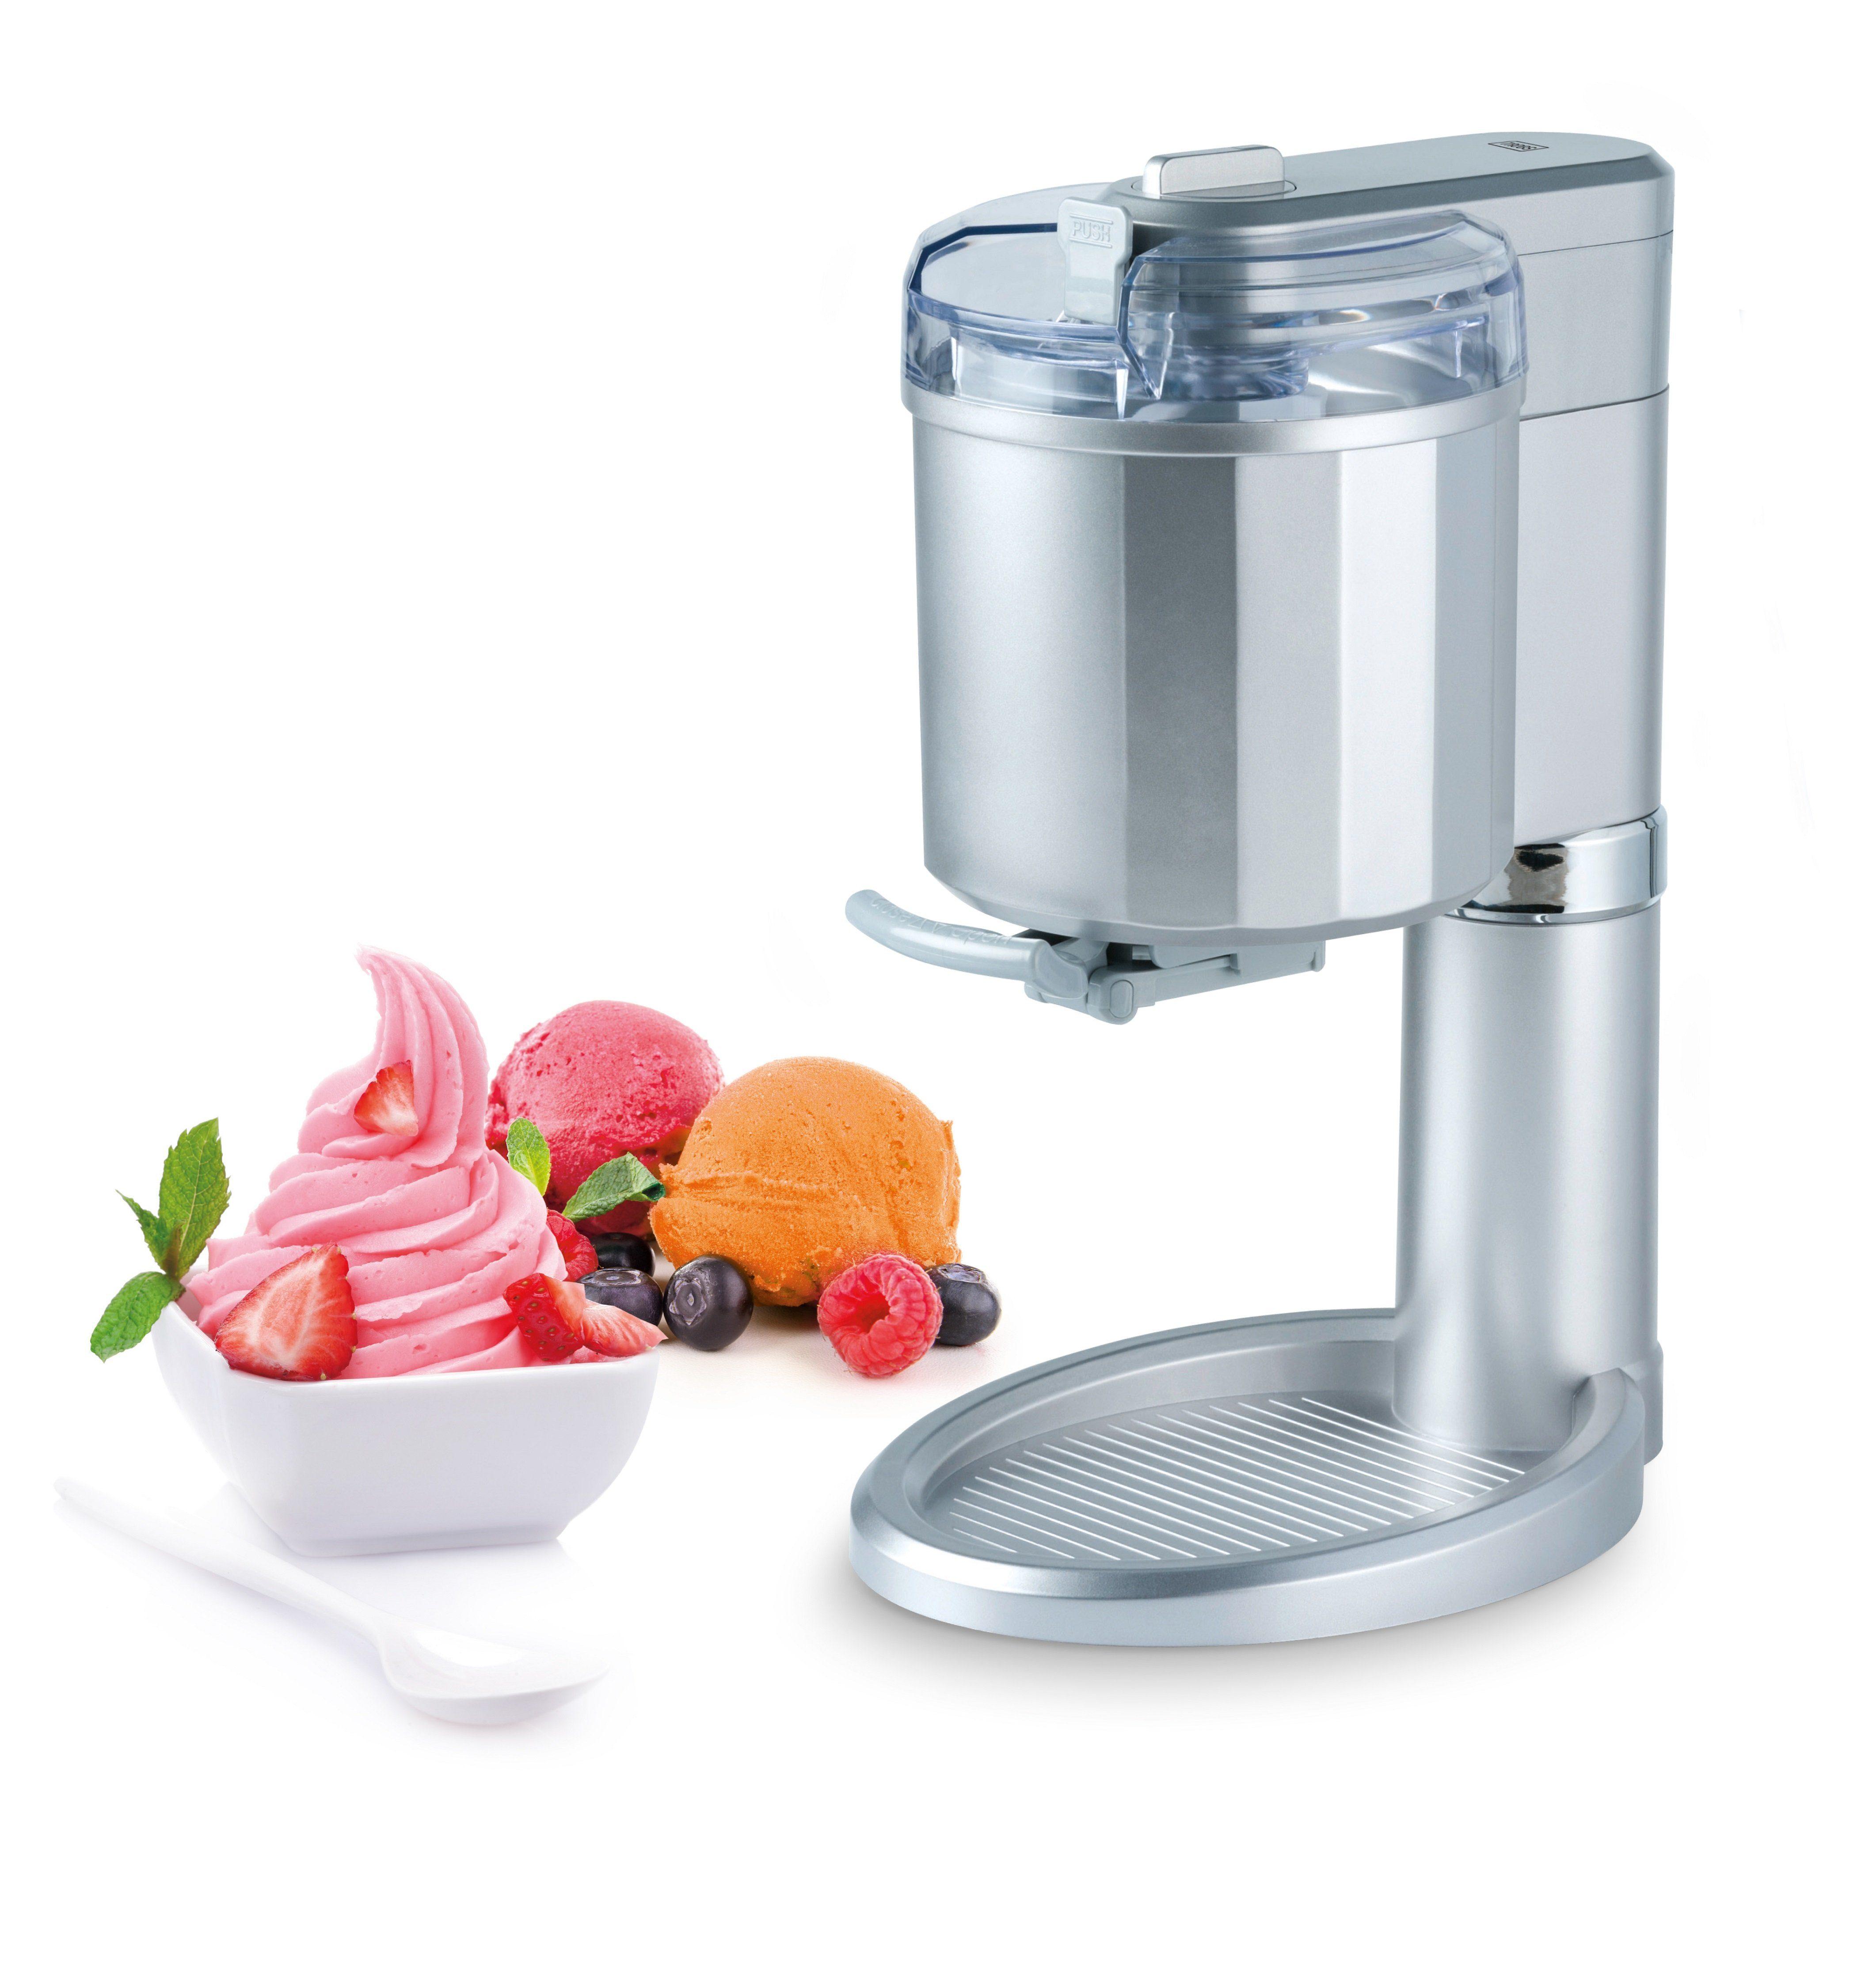 Trebs Softeismaschine für Eis oder auch Sorbet inkl. Rezeptvorschläge »99271«